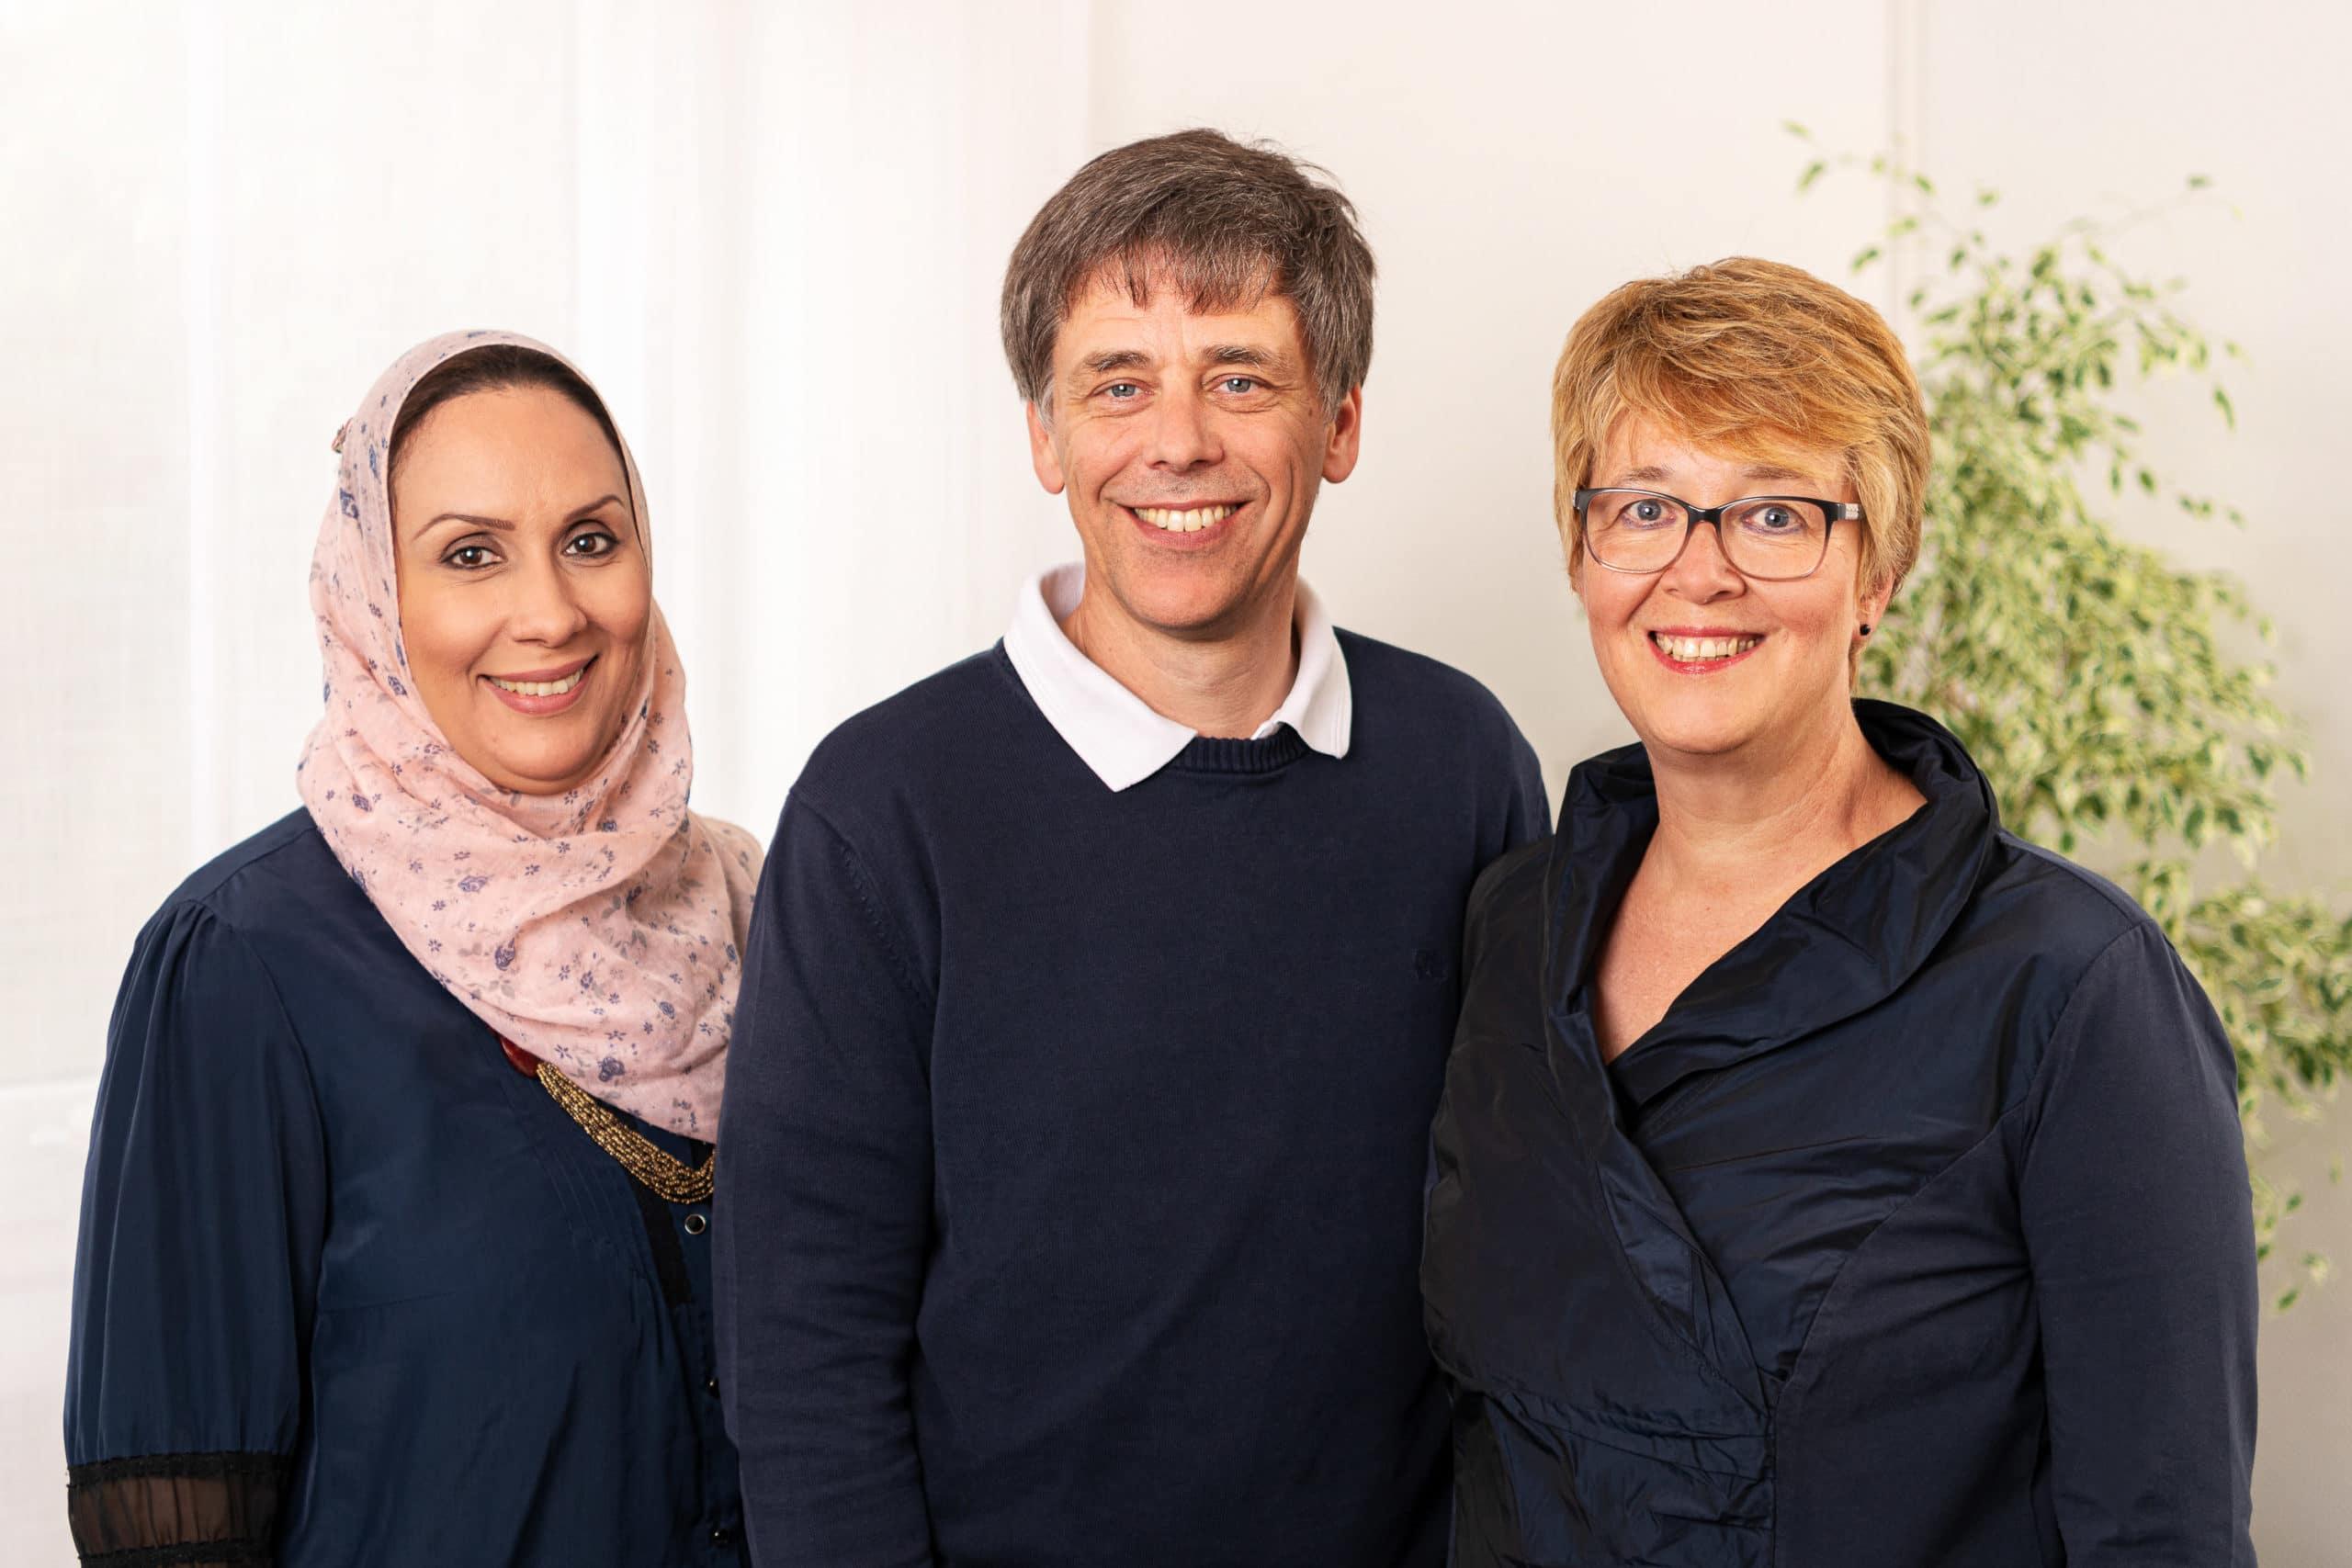 Freundliches Gruppenfoto der Ärzte einer Praxis im Teutoburger Wald |Portraitfotograf in der Region Osnabrück Münster Bielefeld für Mitarbeiterfotografie und Teambilder